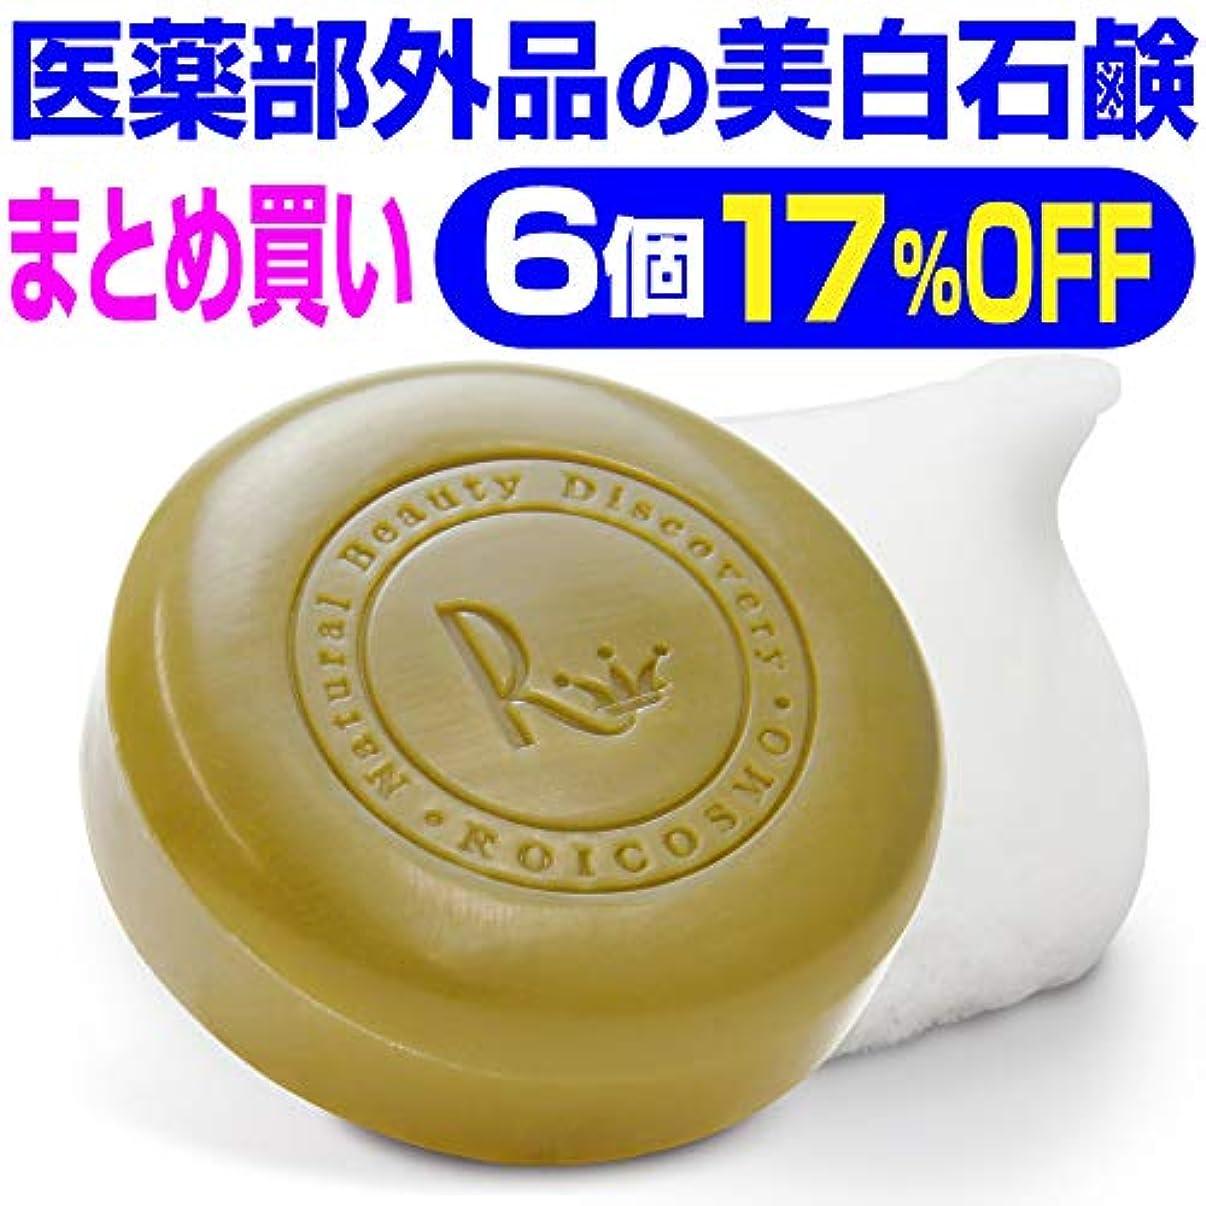 制限する遵守する可能性6個まとめ買い17%OFF 美白石鹸/ビタミンC270倍の美白成分配合の 洗顔石鹸『ホワイトソープ100g×6個』